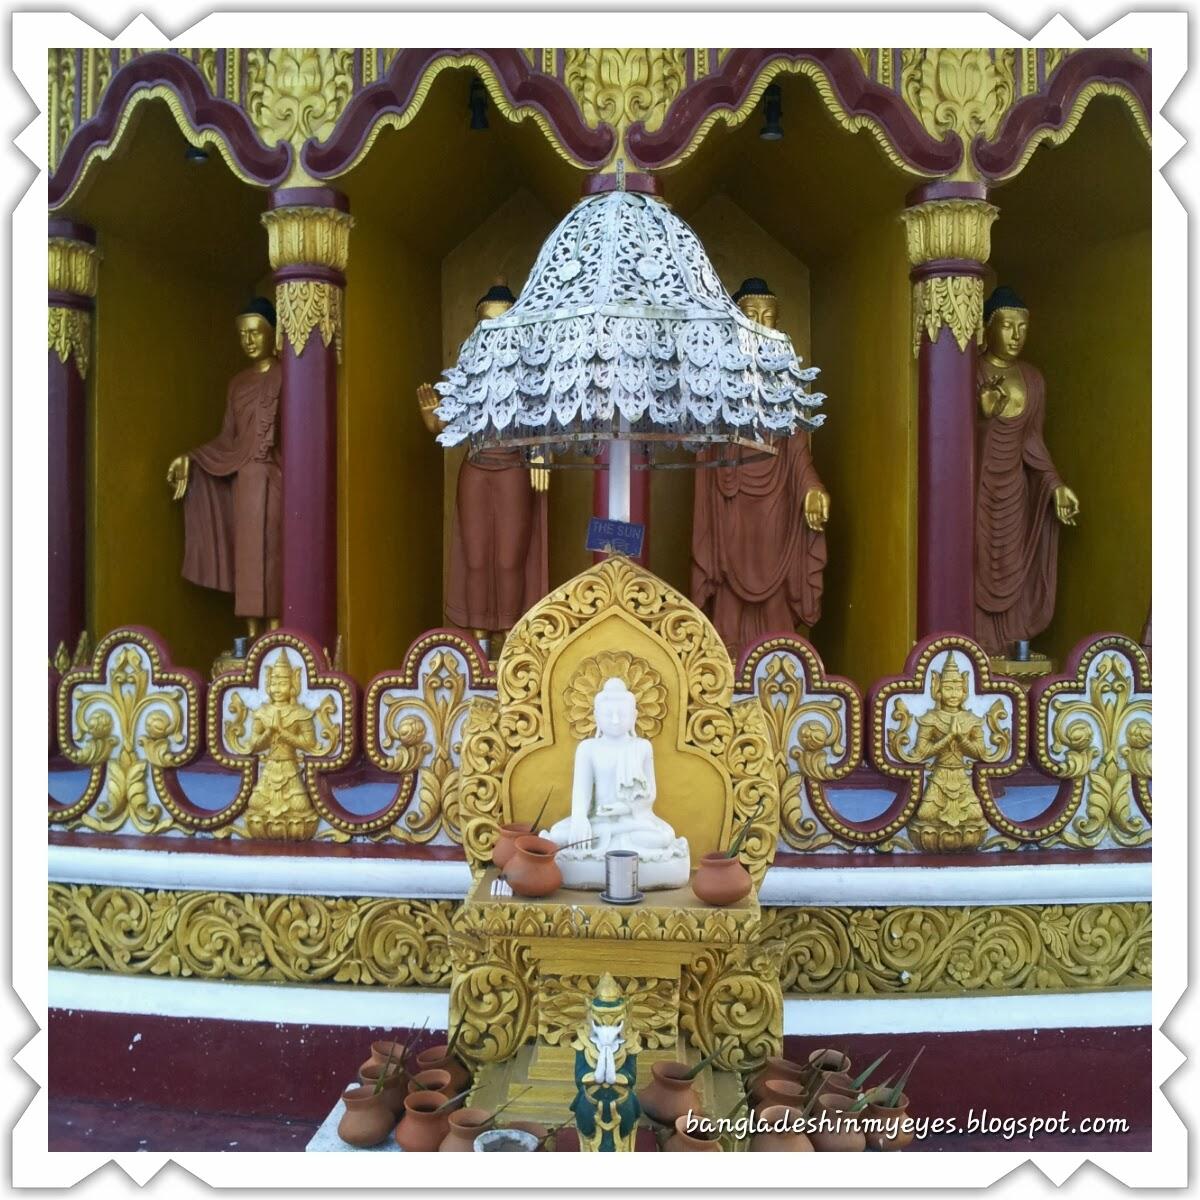 স্বর্ণ-মন্দির, বৌদ্ধ-ধাতু-জাদি